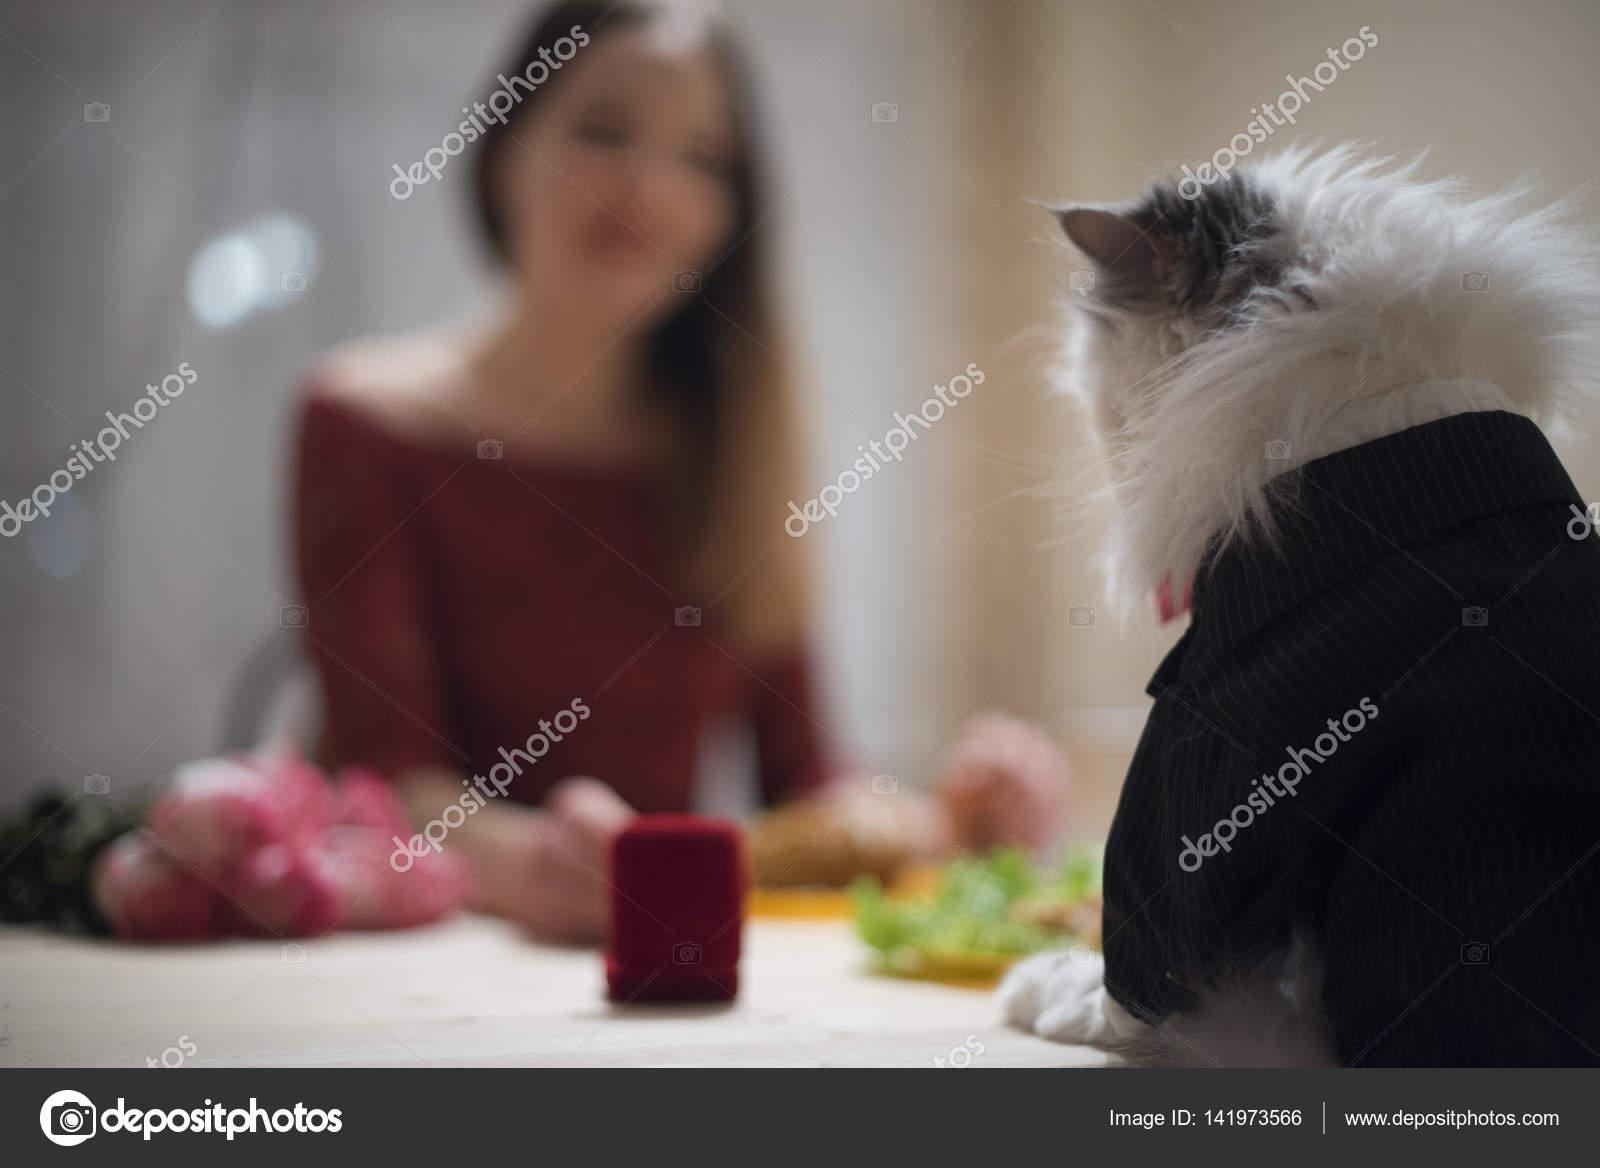 jeune et tendre chatte leabian asiatique porno